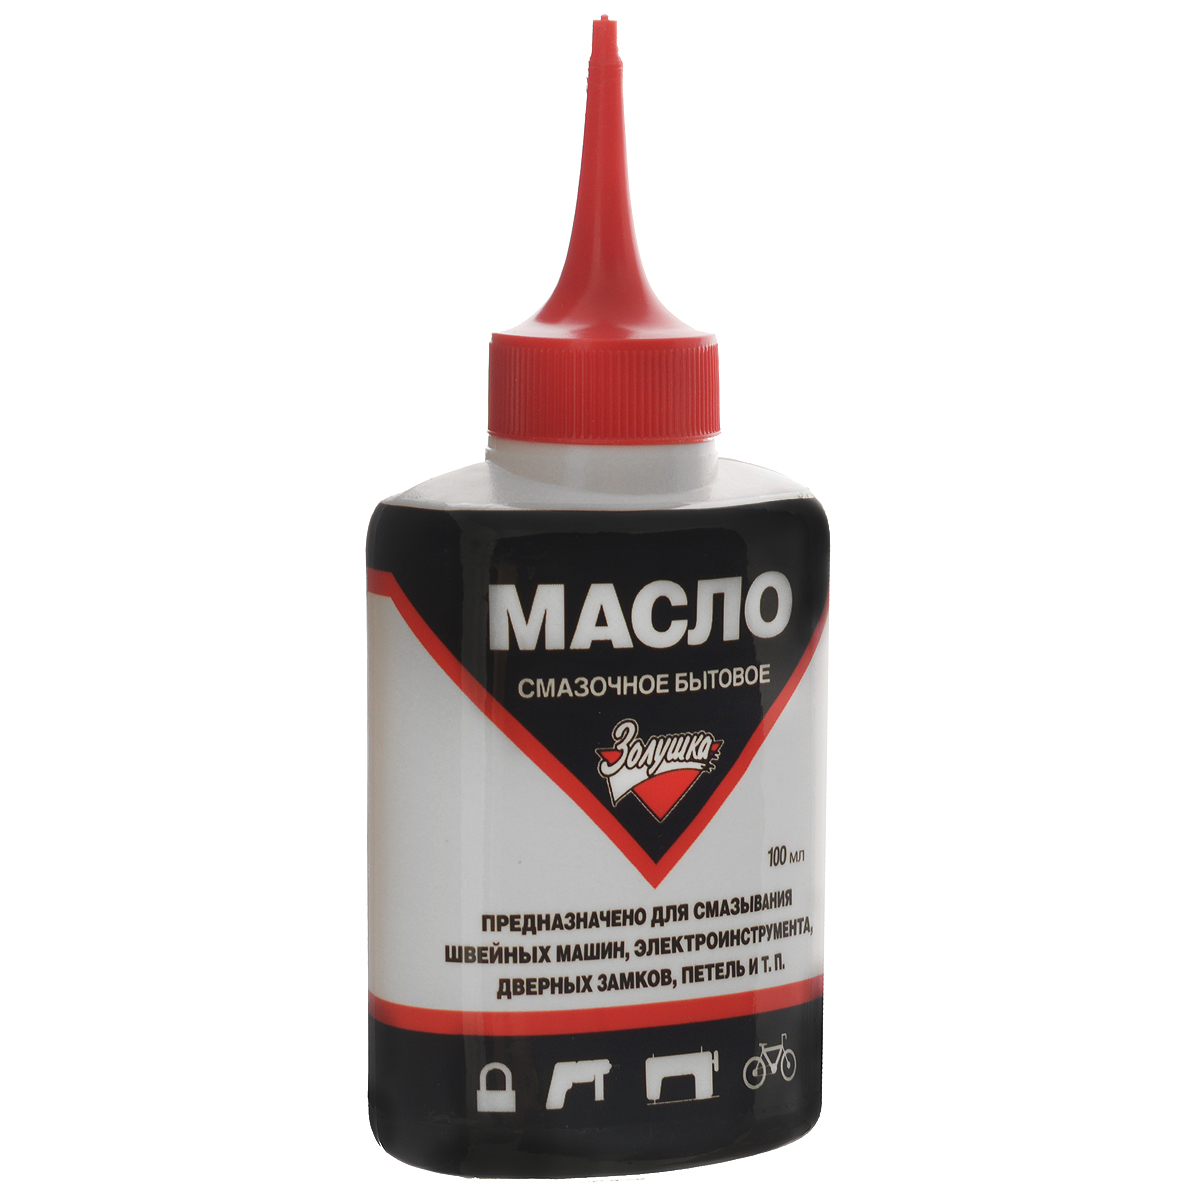 Масло смазочное Золушка, бытовое, 100 млМ 2154Бытовое смазочное масло Золушка высшего качества предназначено для смазывания швейных машин, электроинструмента, дверных замков, петель. Оно необходимо для нормальной работы инструментов, а также продления их срока службы. Масло бесцветное, не содержит смол и кислот, а также не имеет резкого запаха. Оно упаковано в пластиковую бутылочку с длинным носиком-дозатором для удобного нанесения и распределения. Объем: 100 мл. Рекомендуем!